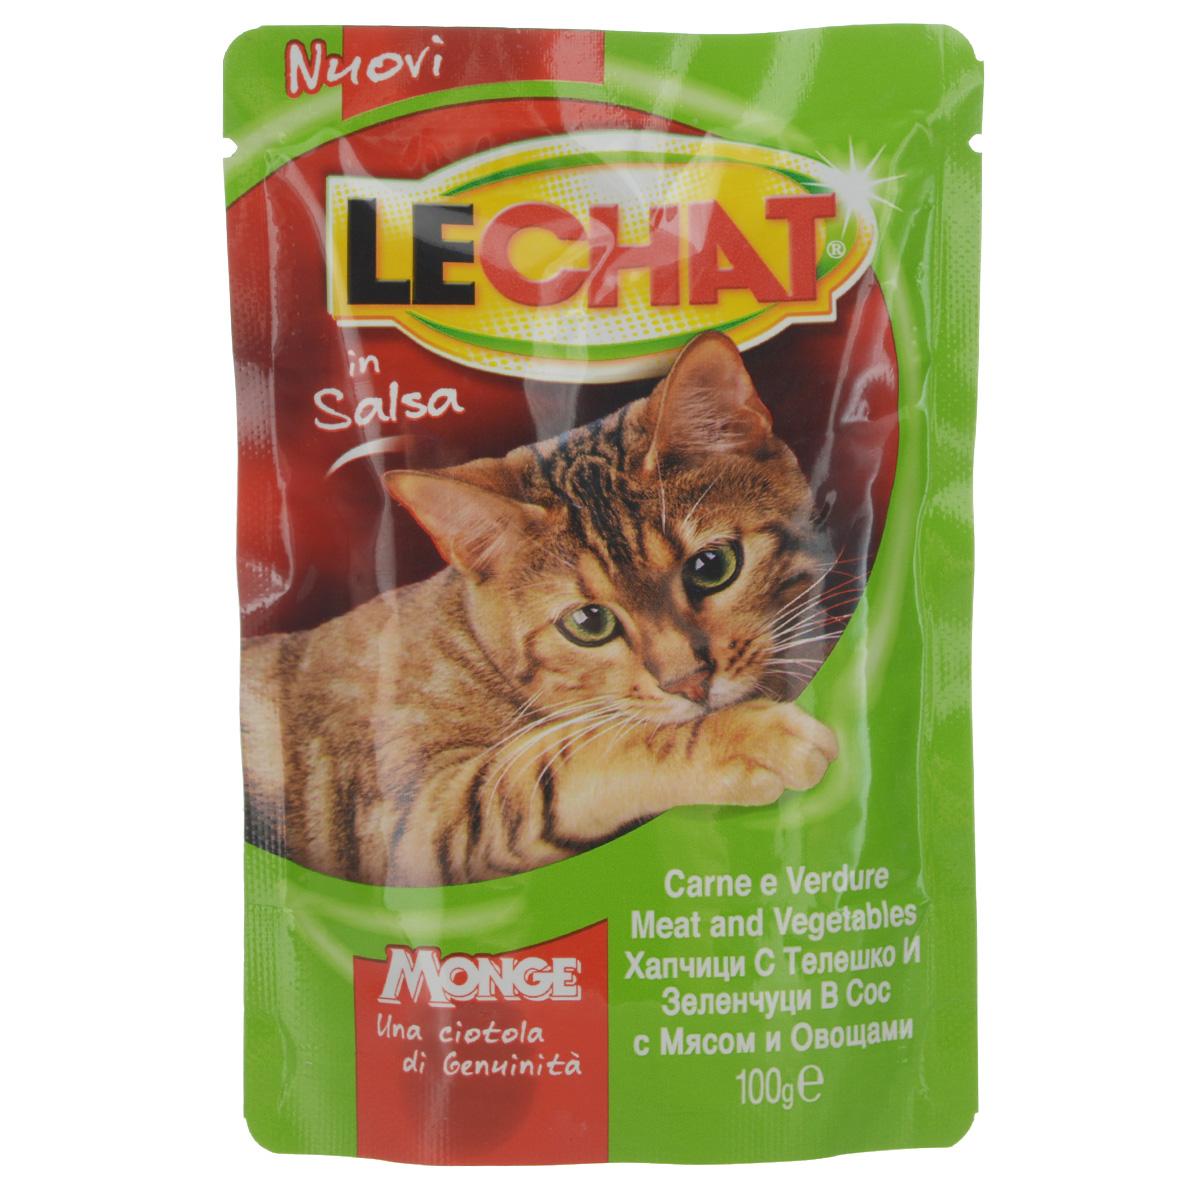 Консервы Monge Lechat для взрослых кошек, с говядиной и овощами, 100 г70001359Консервы Monge Lechat для взрослых кошек тщательно приготовлены из итальянского мяса. Без добавления консервантов и антиоксидантов. Экологически чистое производство гарантирует высочайшее качество и длительные сроки хранения консервов. Тщательный отбор сырья и содержащийся в нем полный набор витаминов и микроэлементов обеспечивает отличную усвояемость и отсутствие проблем с пищеварением у ваших любимых питомцев.Состав: мясо и мясные субпродукты (мясо мин. 4%), овощи (горох мин.4%), минеральные вещества, витамины.Пищевая ценность: протеин 9%, жир 4%, клетчатка 1%, влага 82%. Витамины: витамин А 2000 МЕ/кг, витамин D3 200 МЕ/кг, витамин Е 5 мг/кг.Товар сертифицирован.